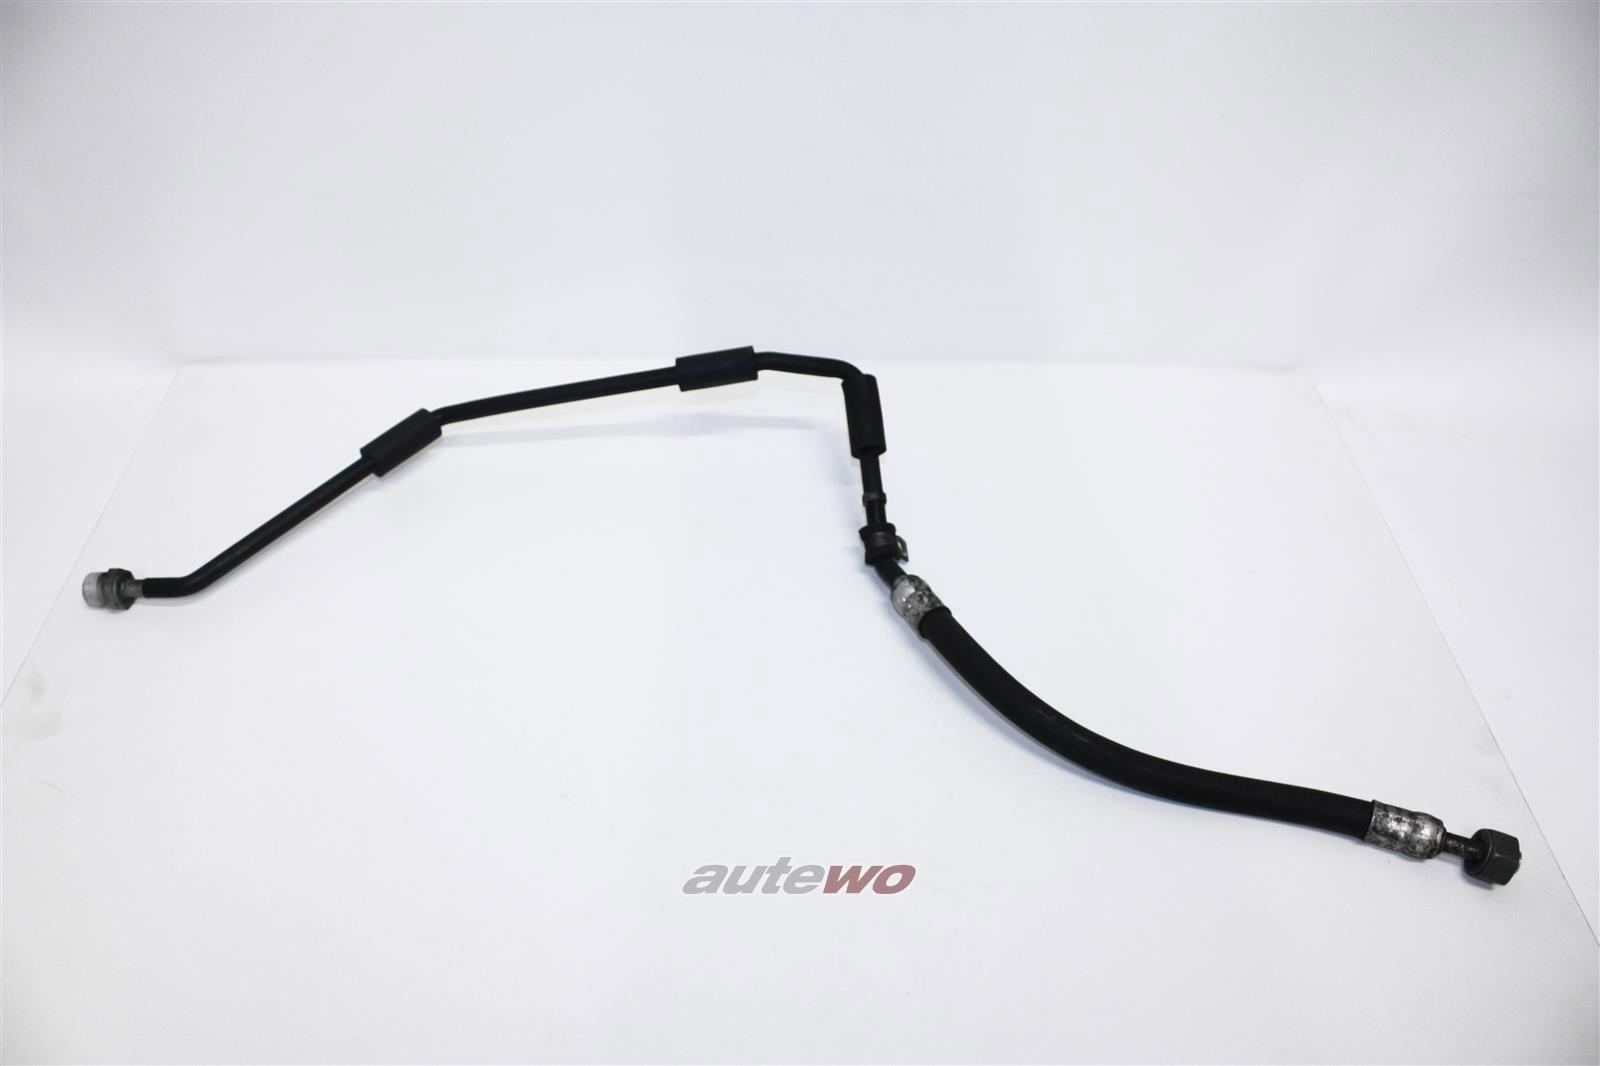 Audi 100/A6 C4 2.3-2.5l Klima Kältemittelschlauch Verd. > Kondens. 4A1260710AA